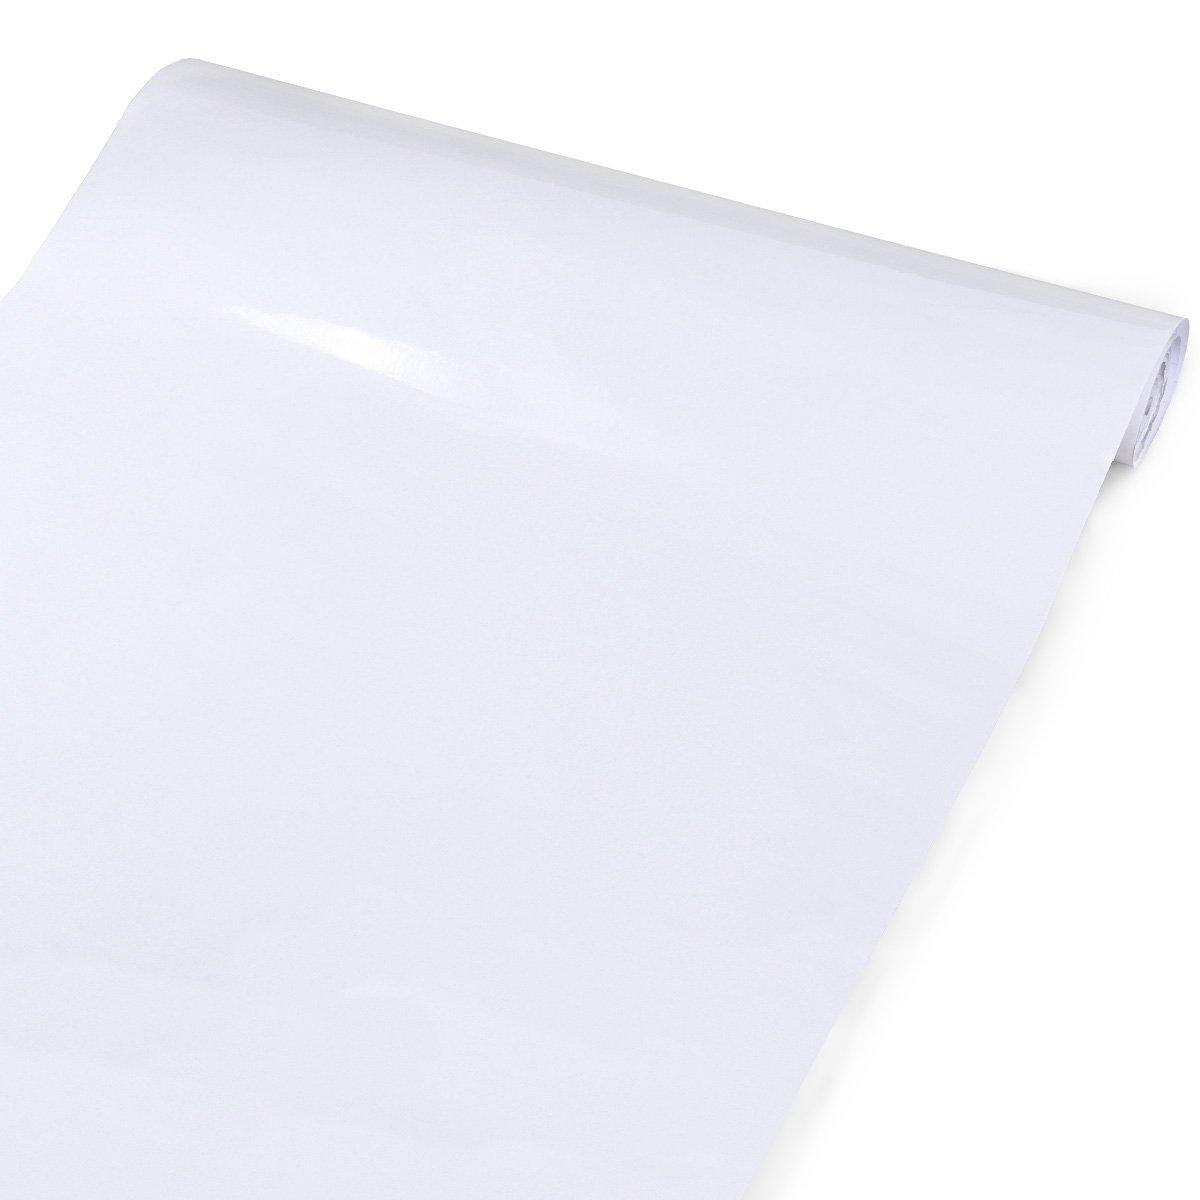 5m x 61cm rouleau Papier peint PVC étanche autocollant blanc poudré ...